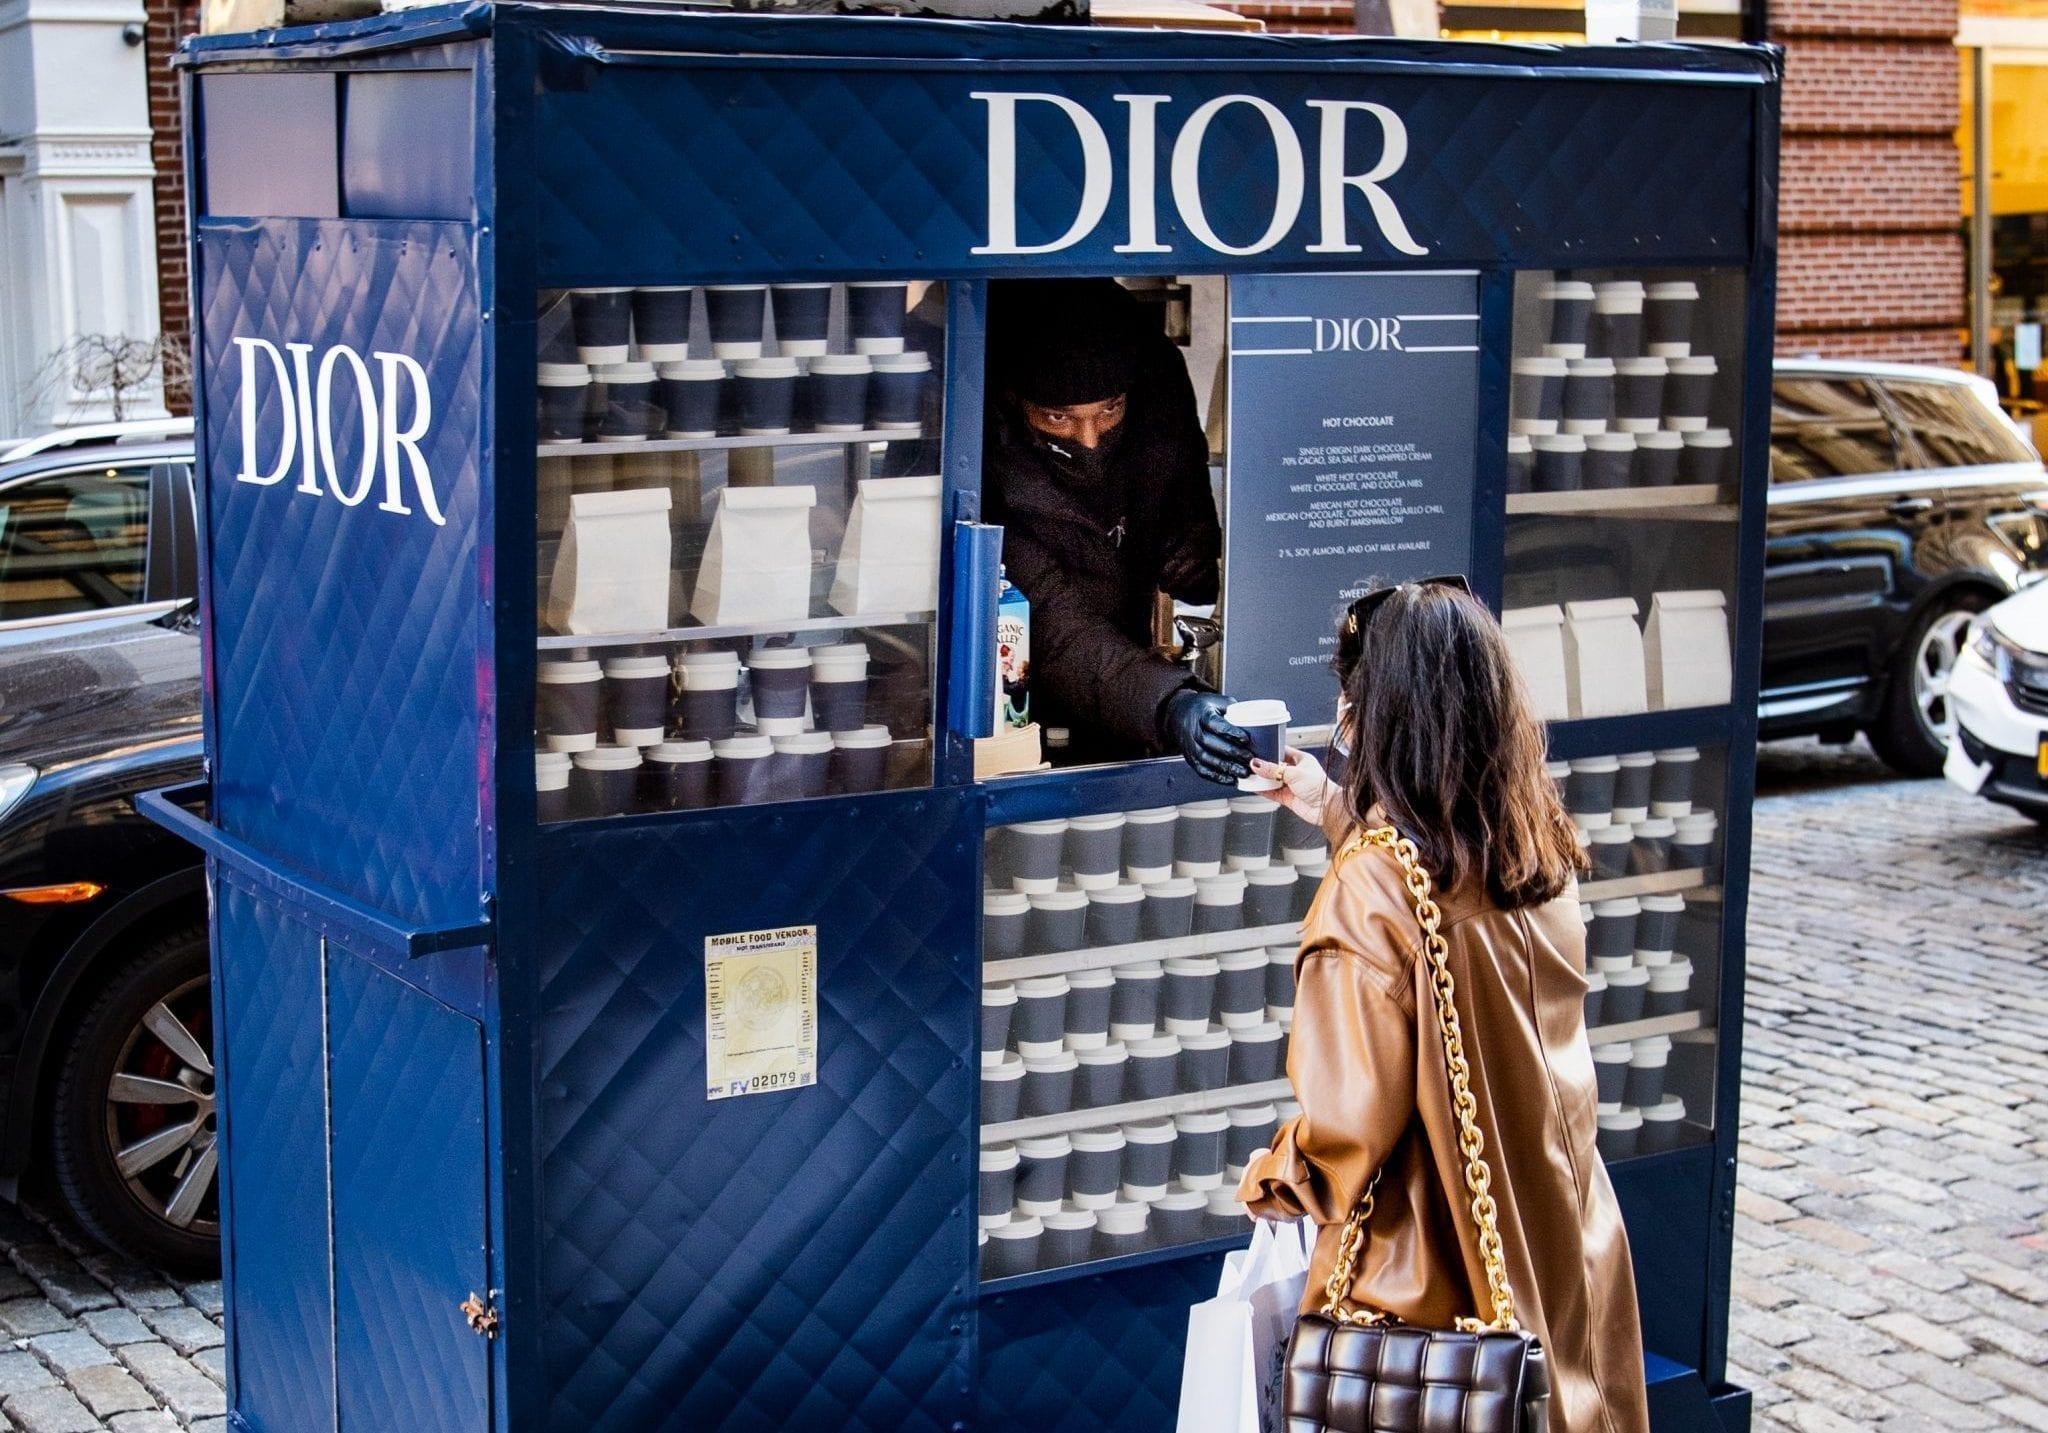 Mobile pop-up shop Dior